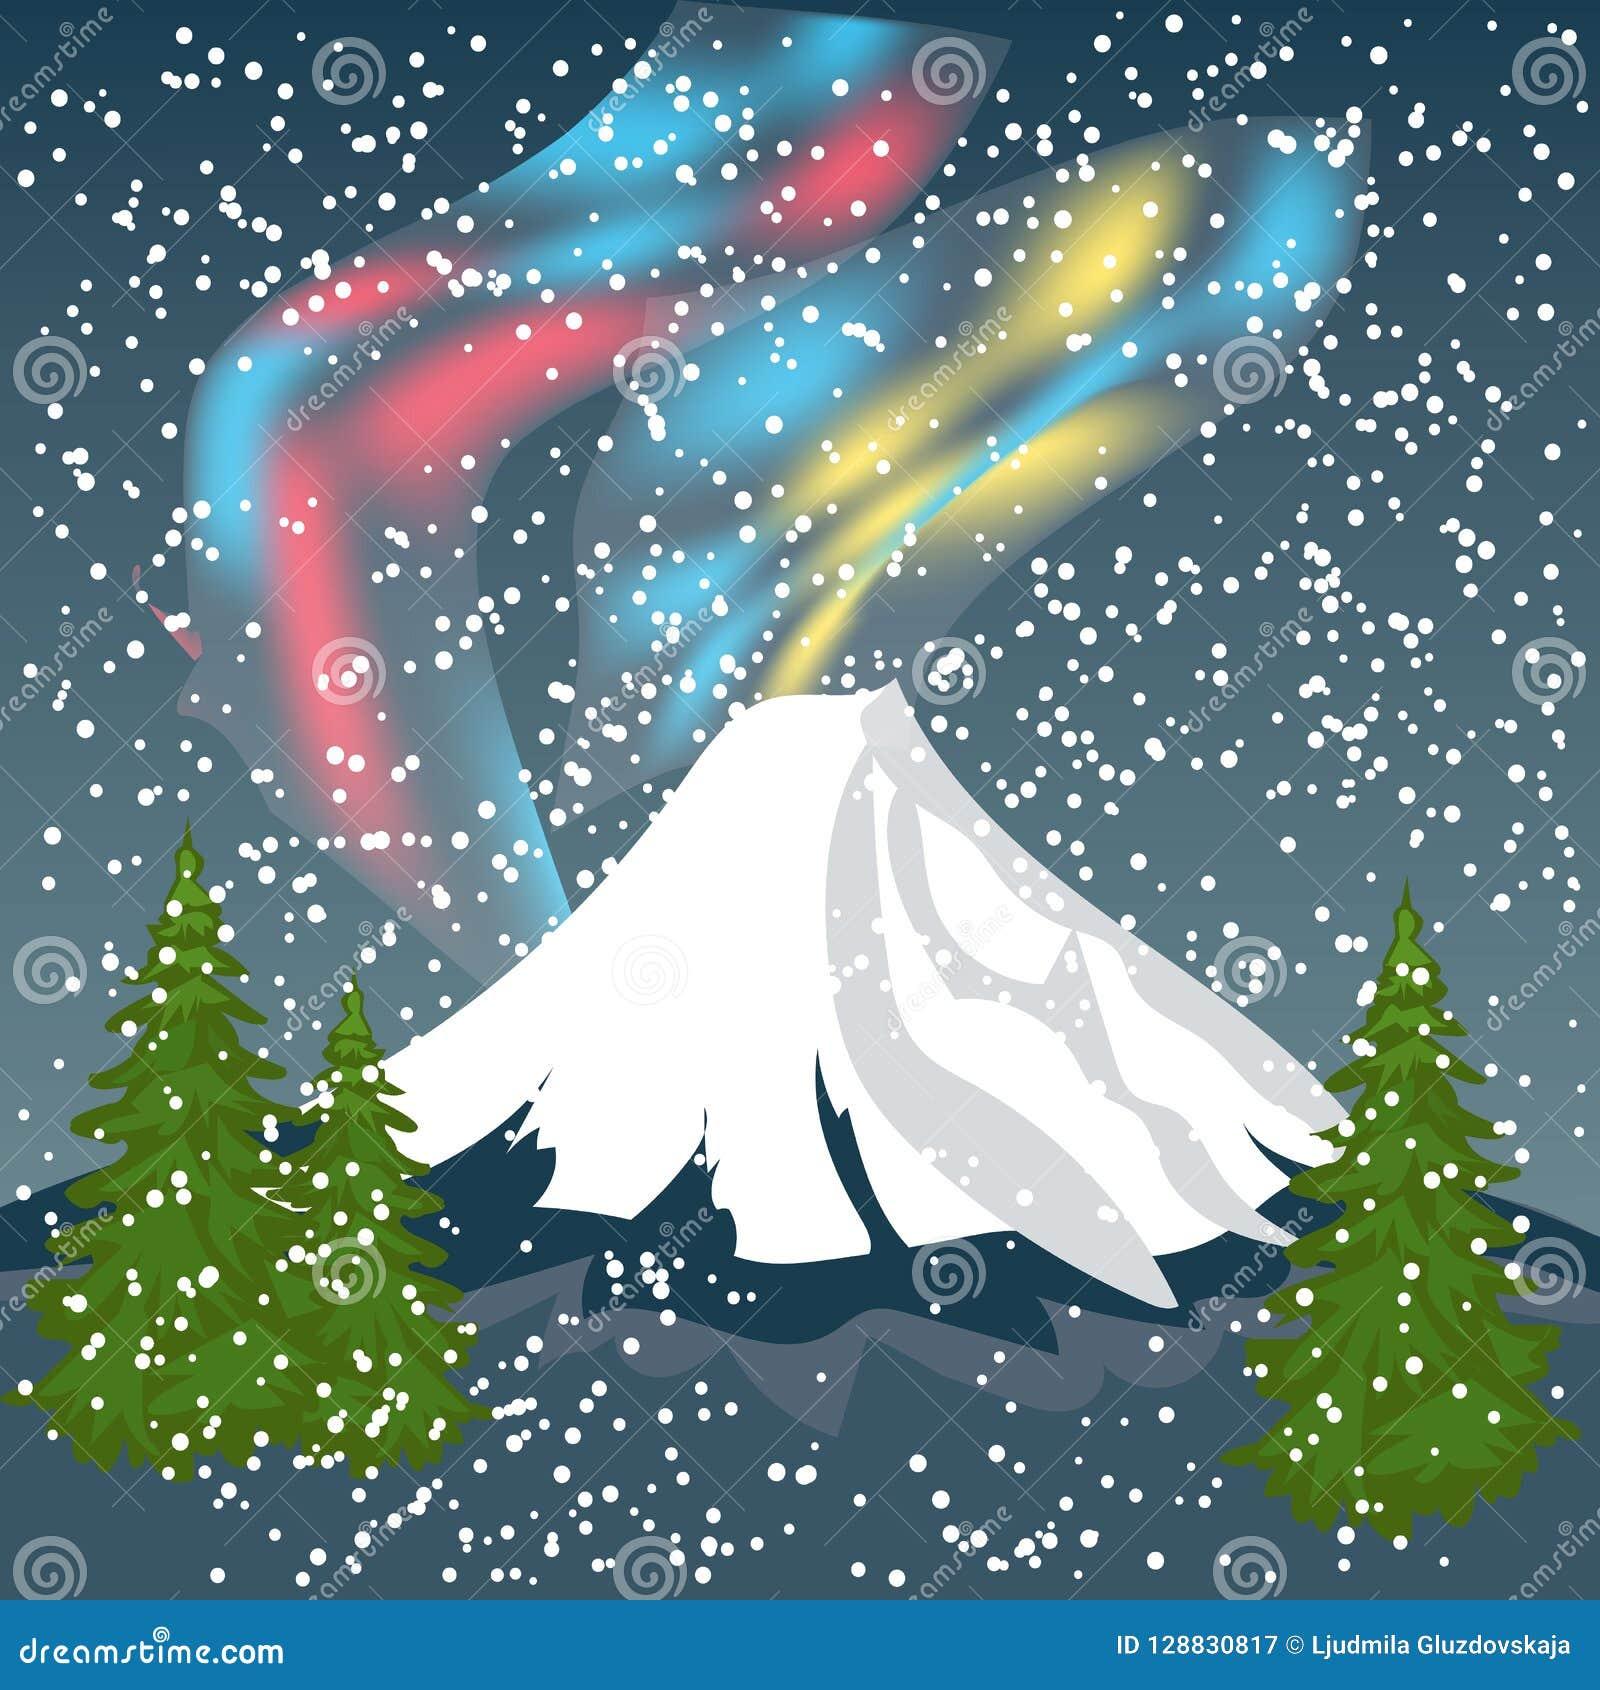 mk79-aurora-star-sky-snow-night-mountain-winter-nature ...  Night Sky Aurora Colorado